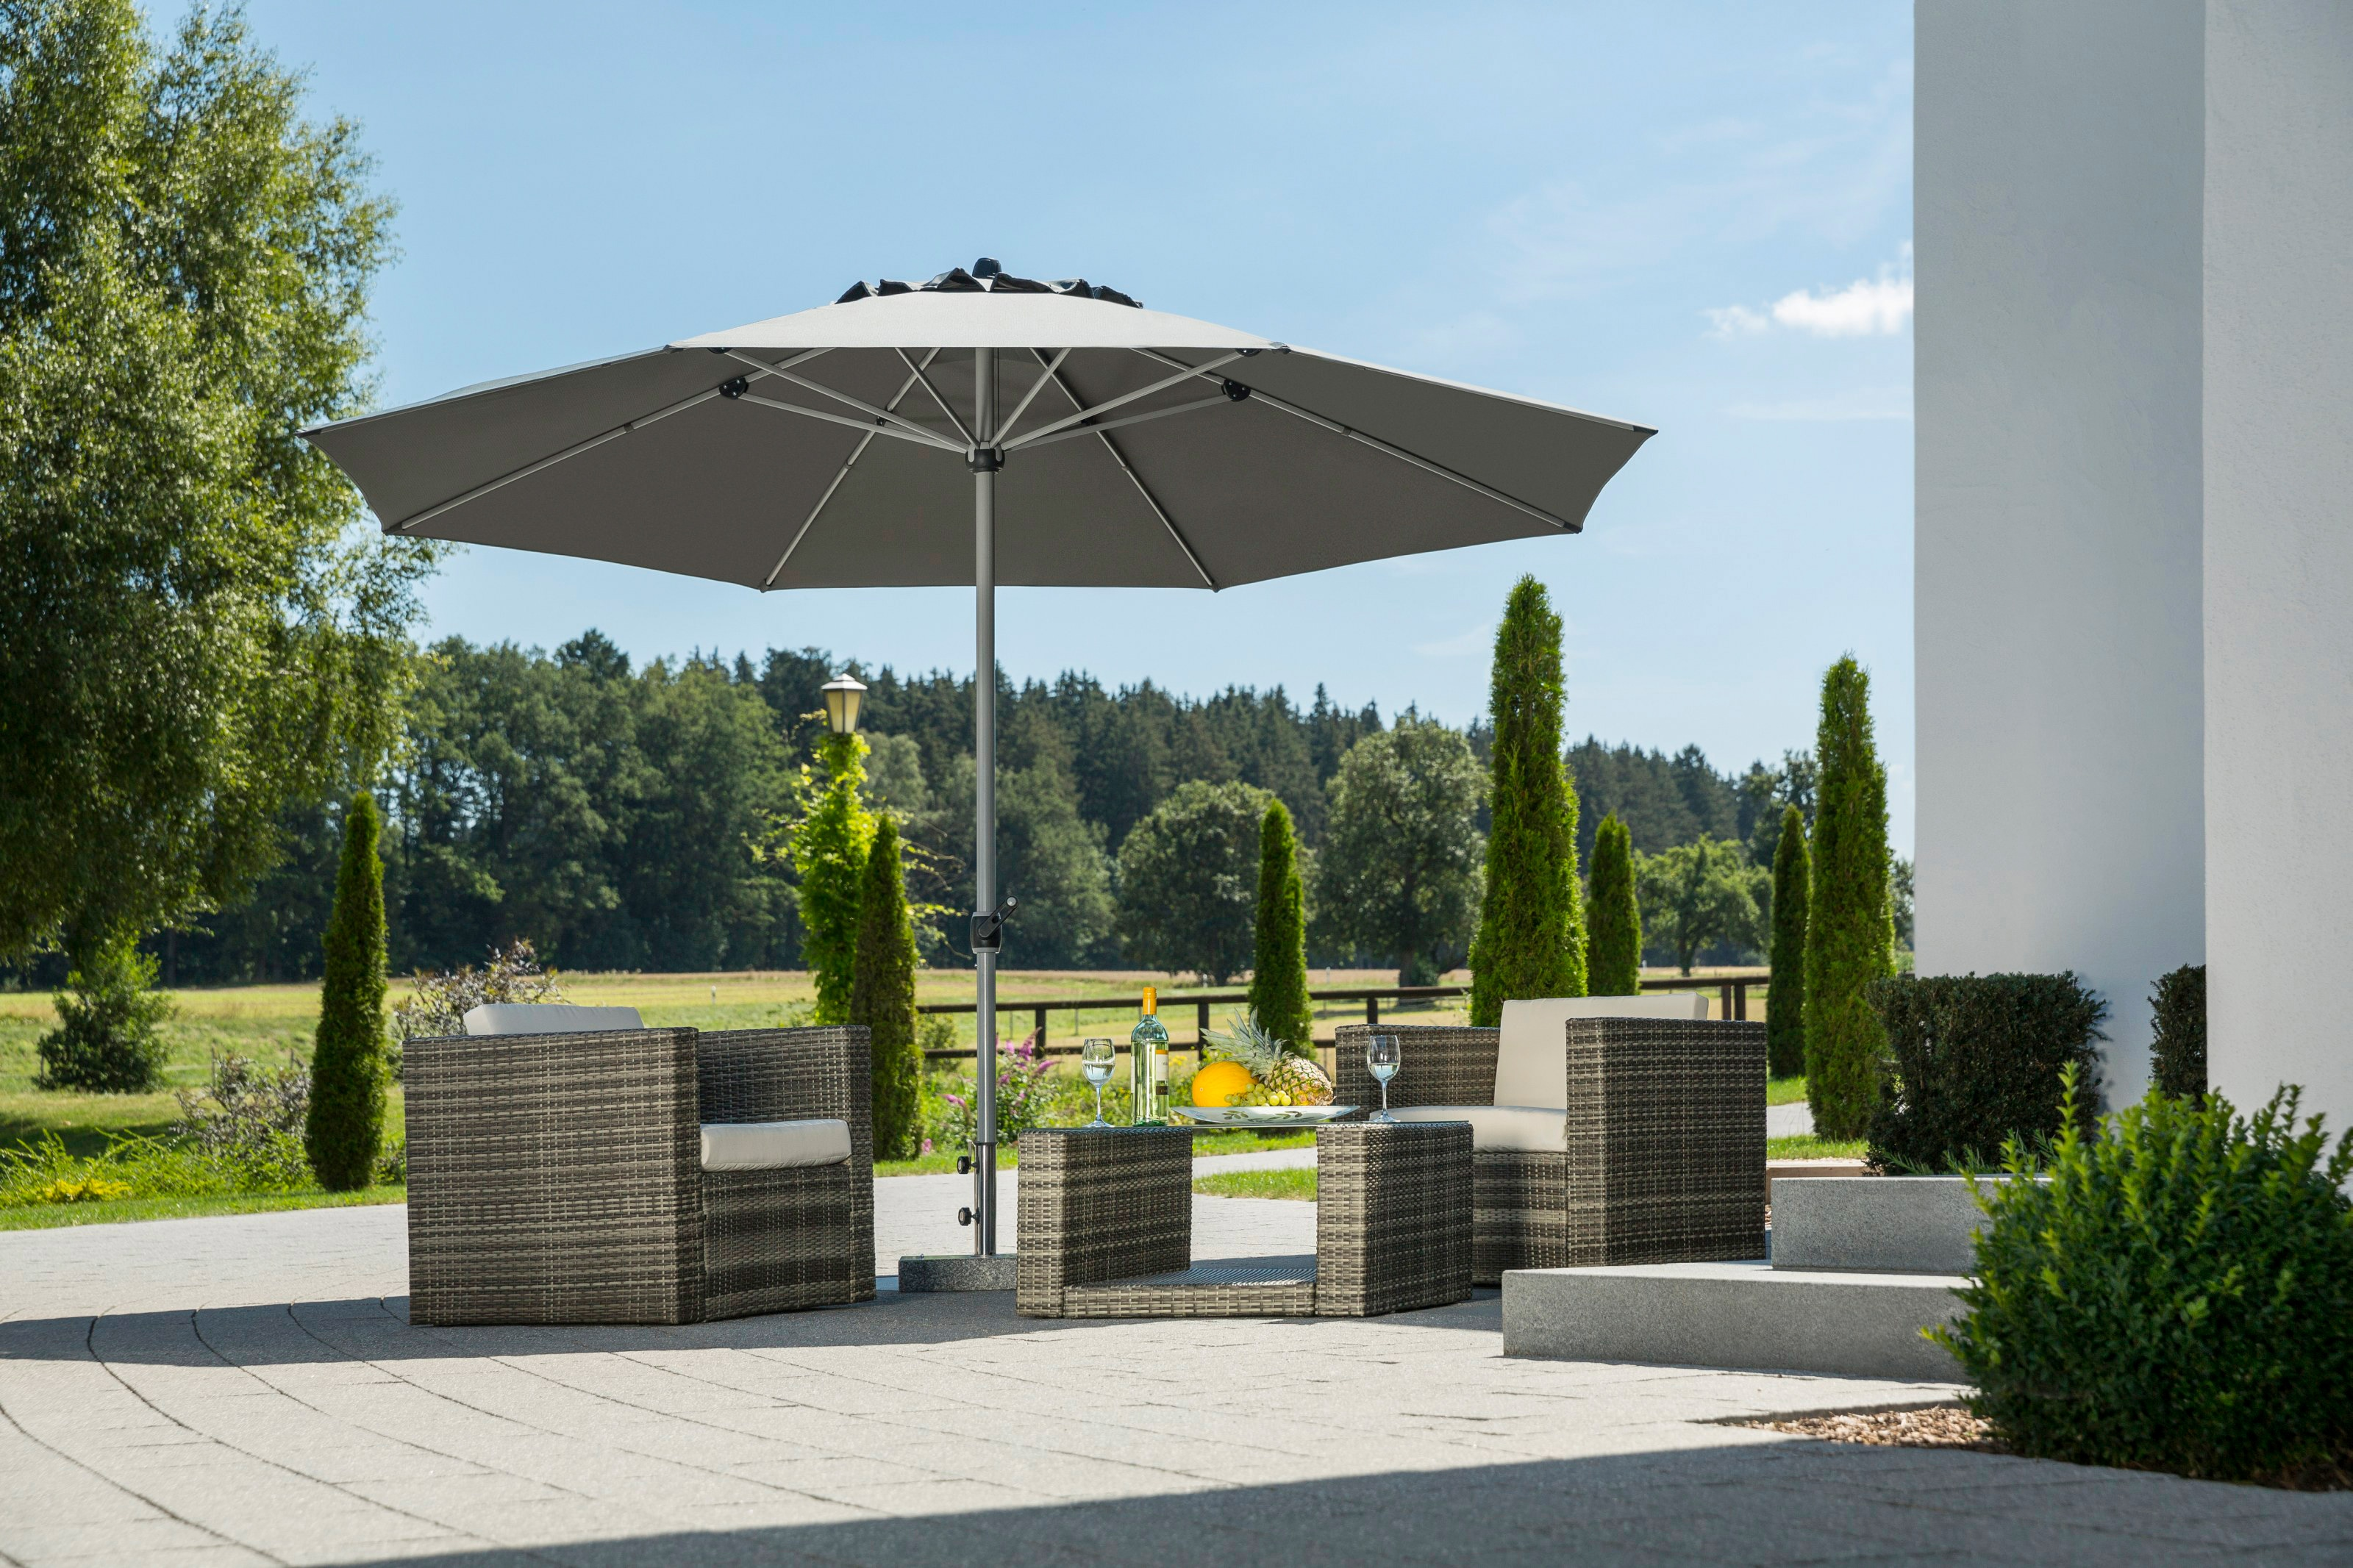 Schneider Schirme Sonnenschirm Gemini, ohne Schirmständer grau Sonnenschirme -segel Gartenmöbel Gartendeko